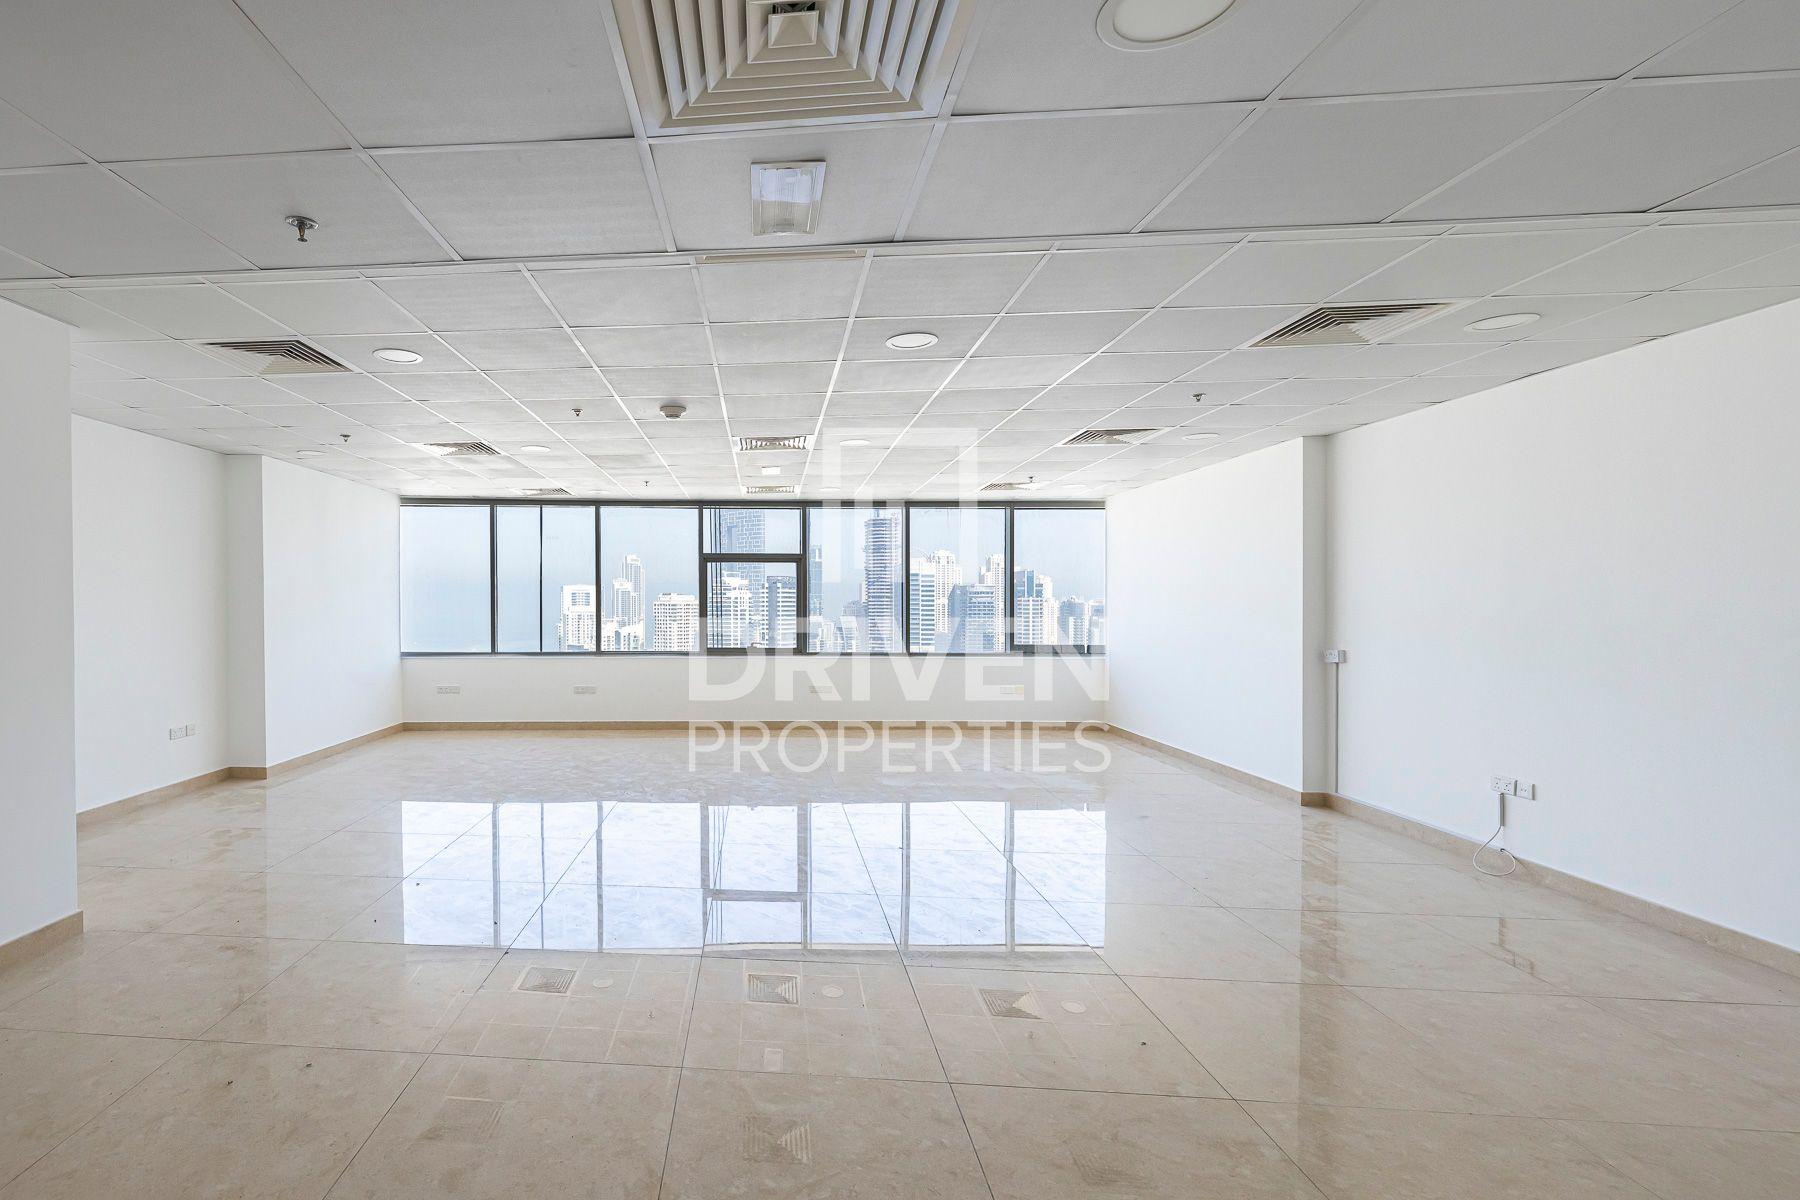 1,109 قدم مربع  مكتب - للايجار - أبراج بحيرة الجميرا